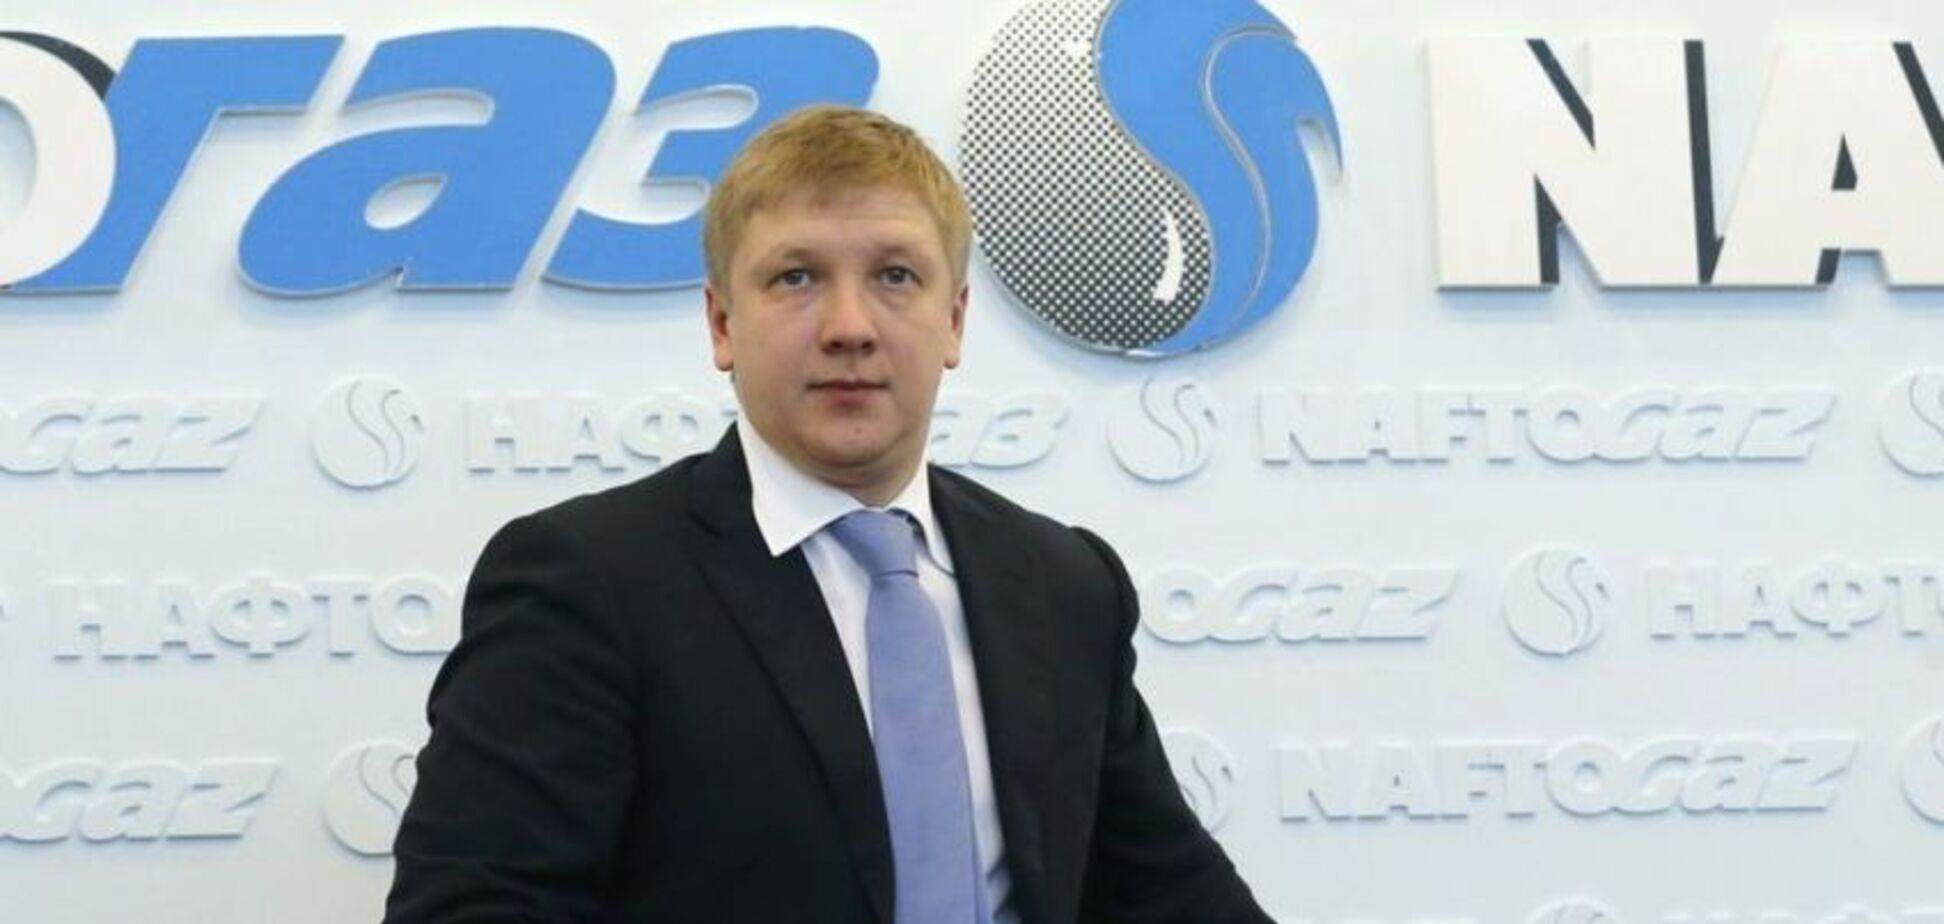 В 2011 году Коболев не считал газовые соглашения 'кабальными' и 'невыгодными', —  опубликован протокол допроса